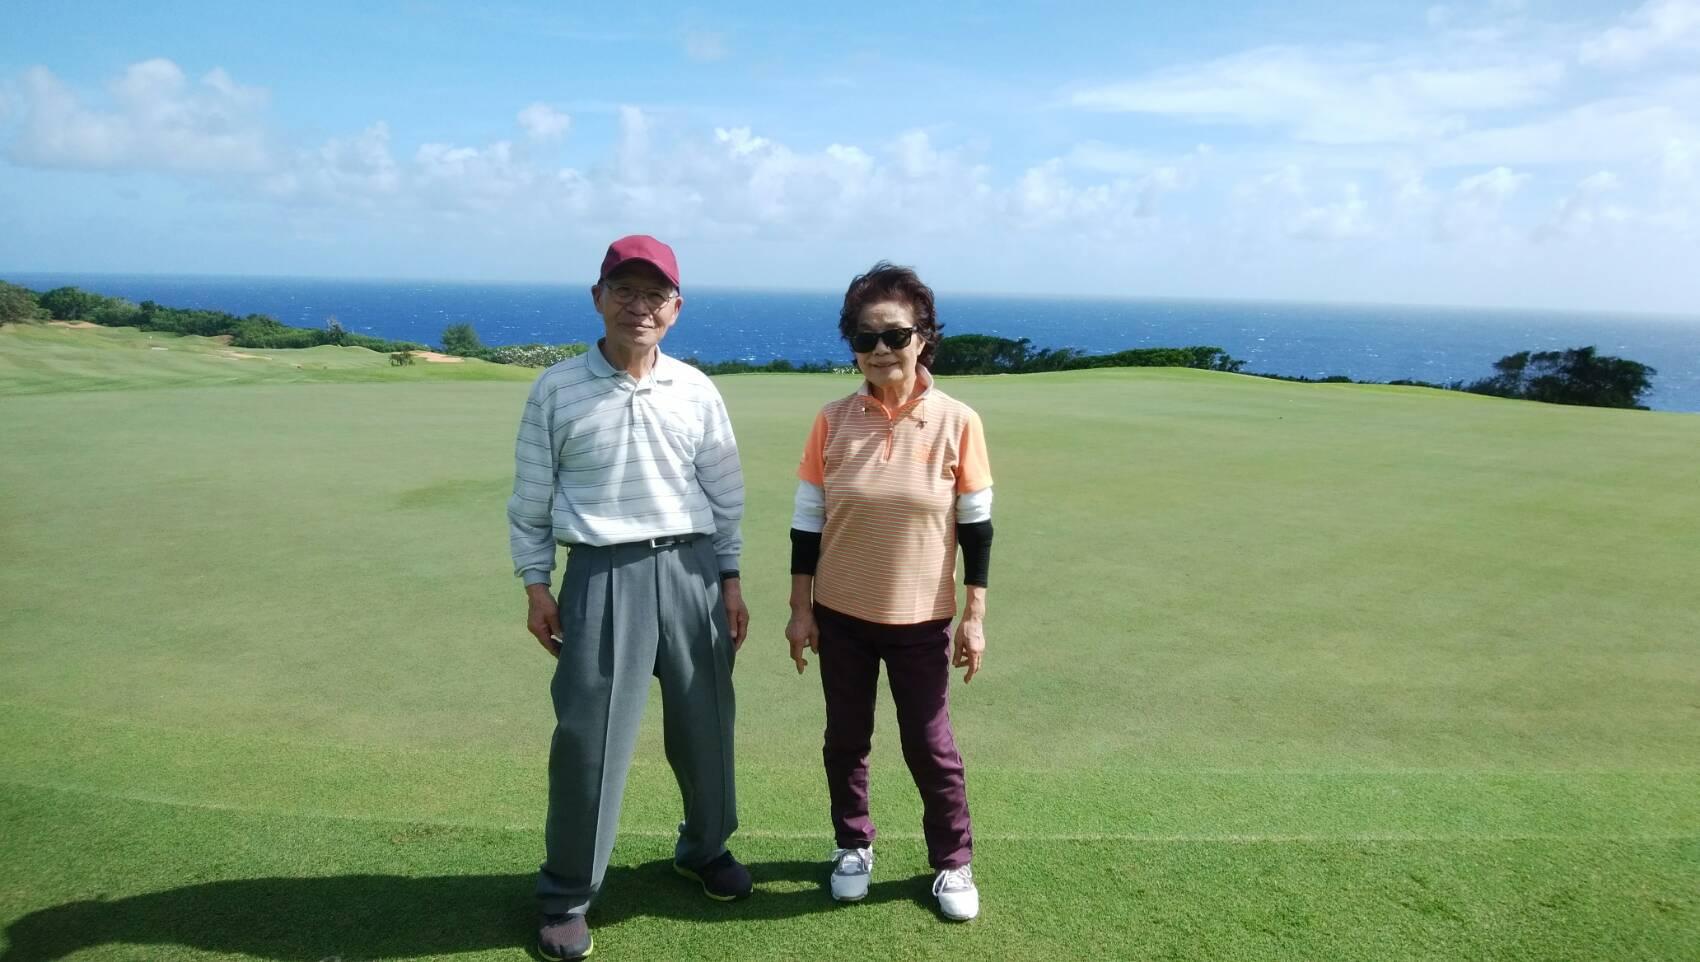 10年前 マンギラオでゴルフしてから もう一度来たいと思ってたので 念願がかないました。